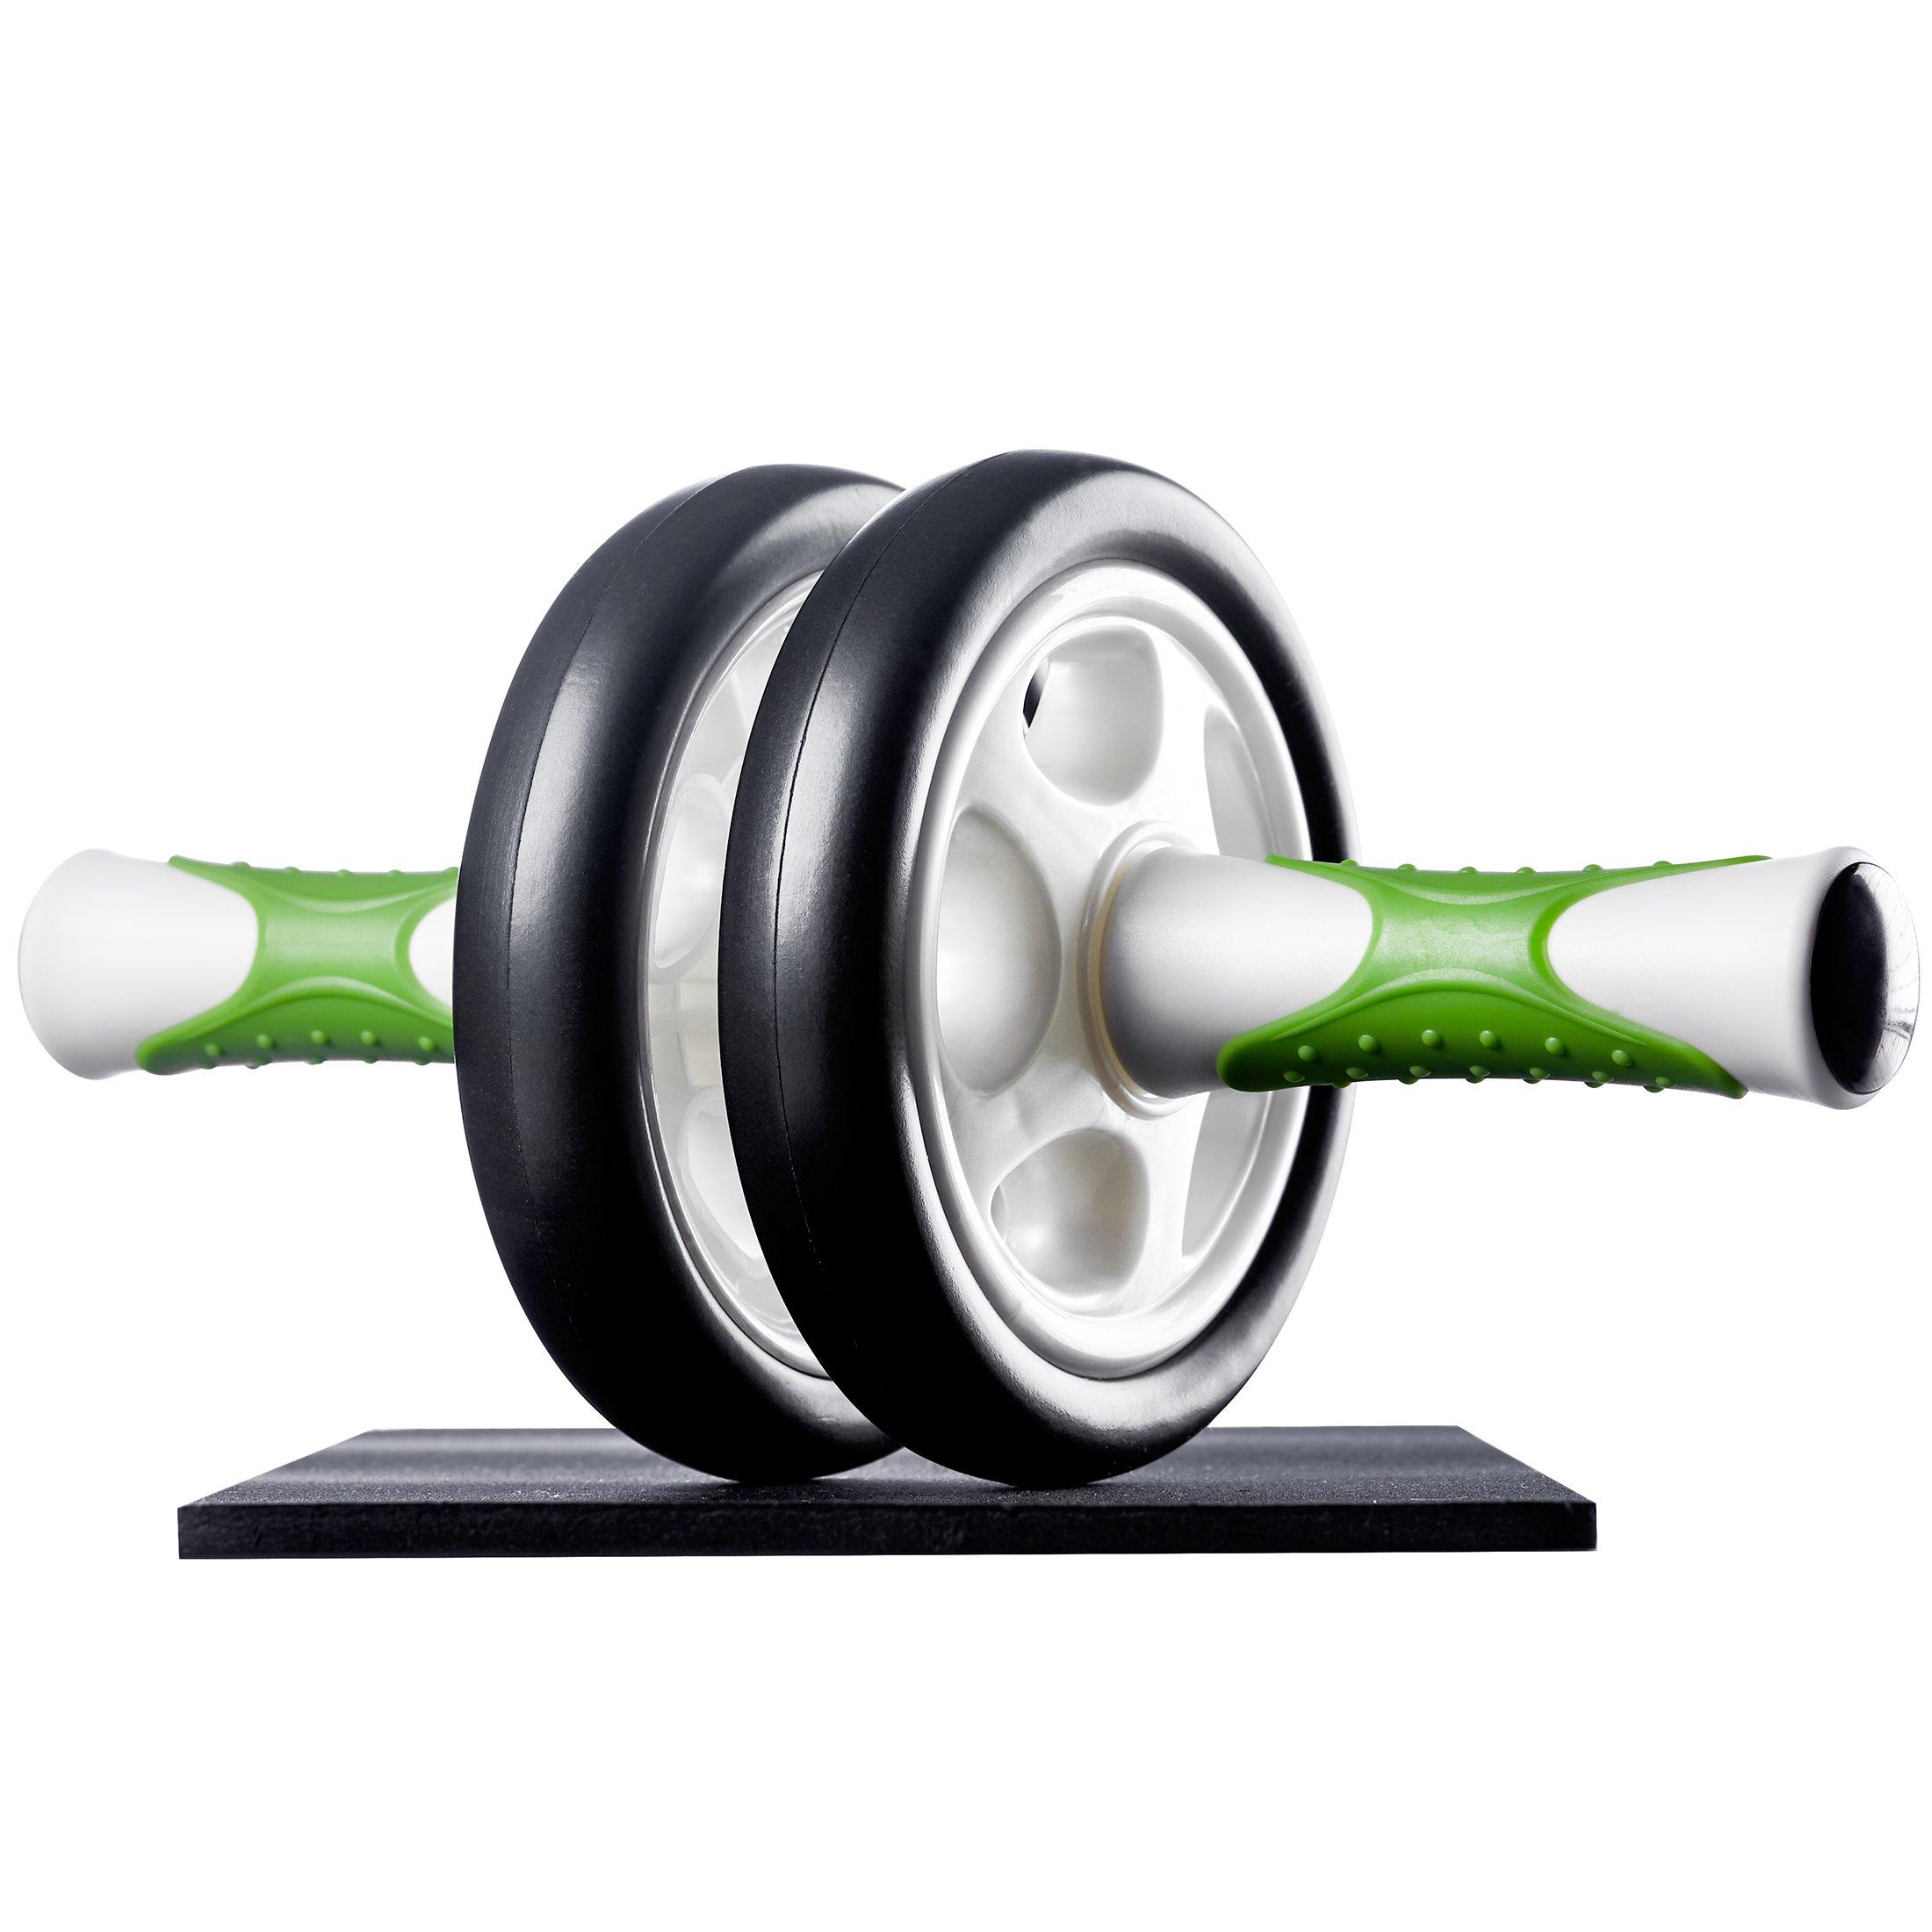 Ultrasport AB Roller Aparato de abdominales, práctico aparato de fitness para entrenar musculatura y espalda